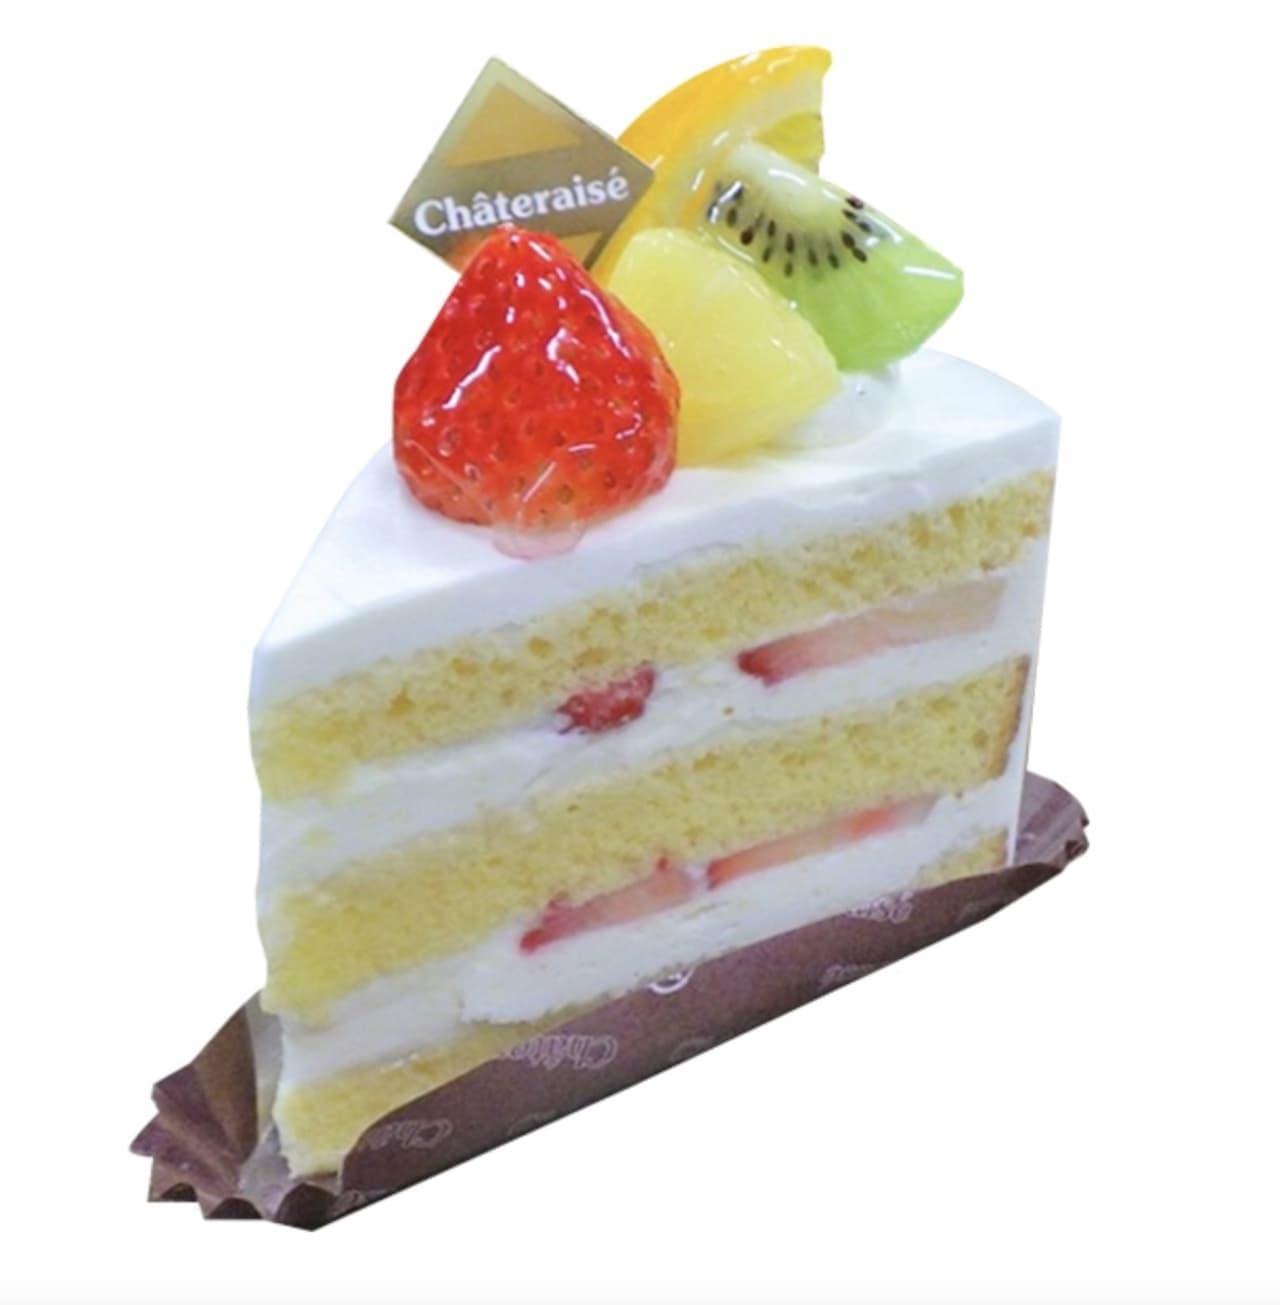 シャトレーゼ「フルーツのプレミアム純生クリームショートケーキ」